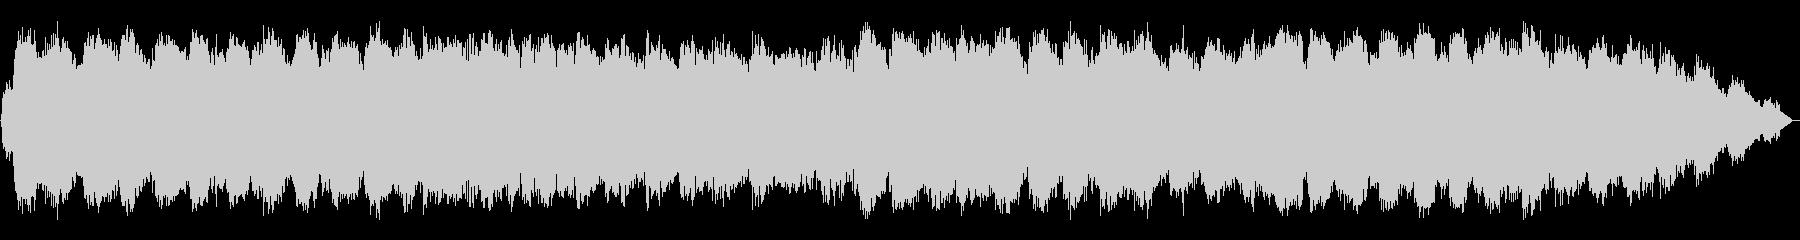 エスニックな笛のヒーリング音楽の未再生の波形